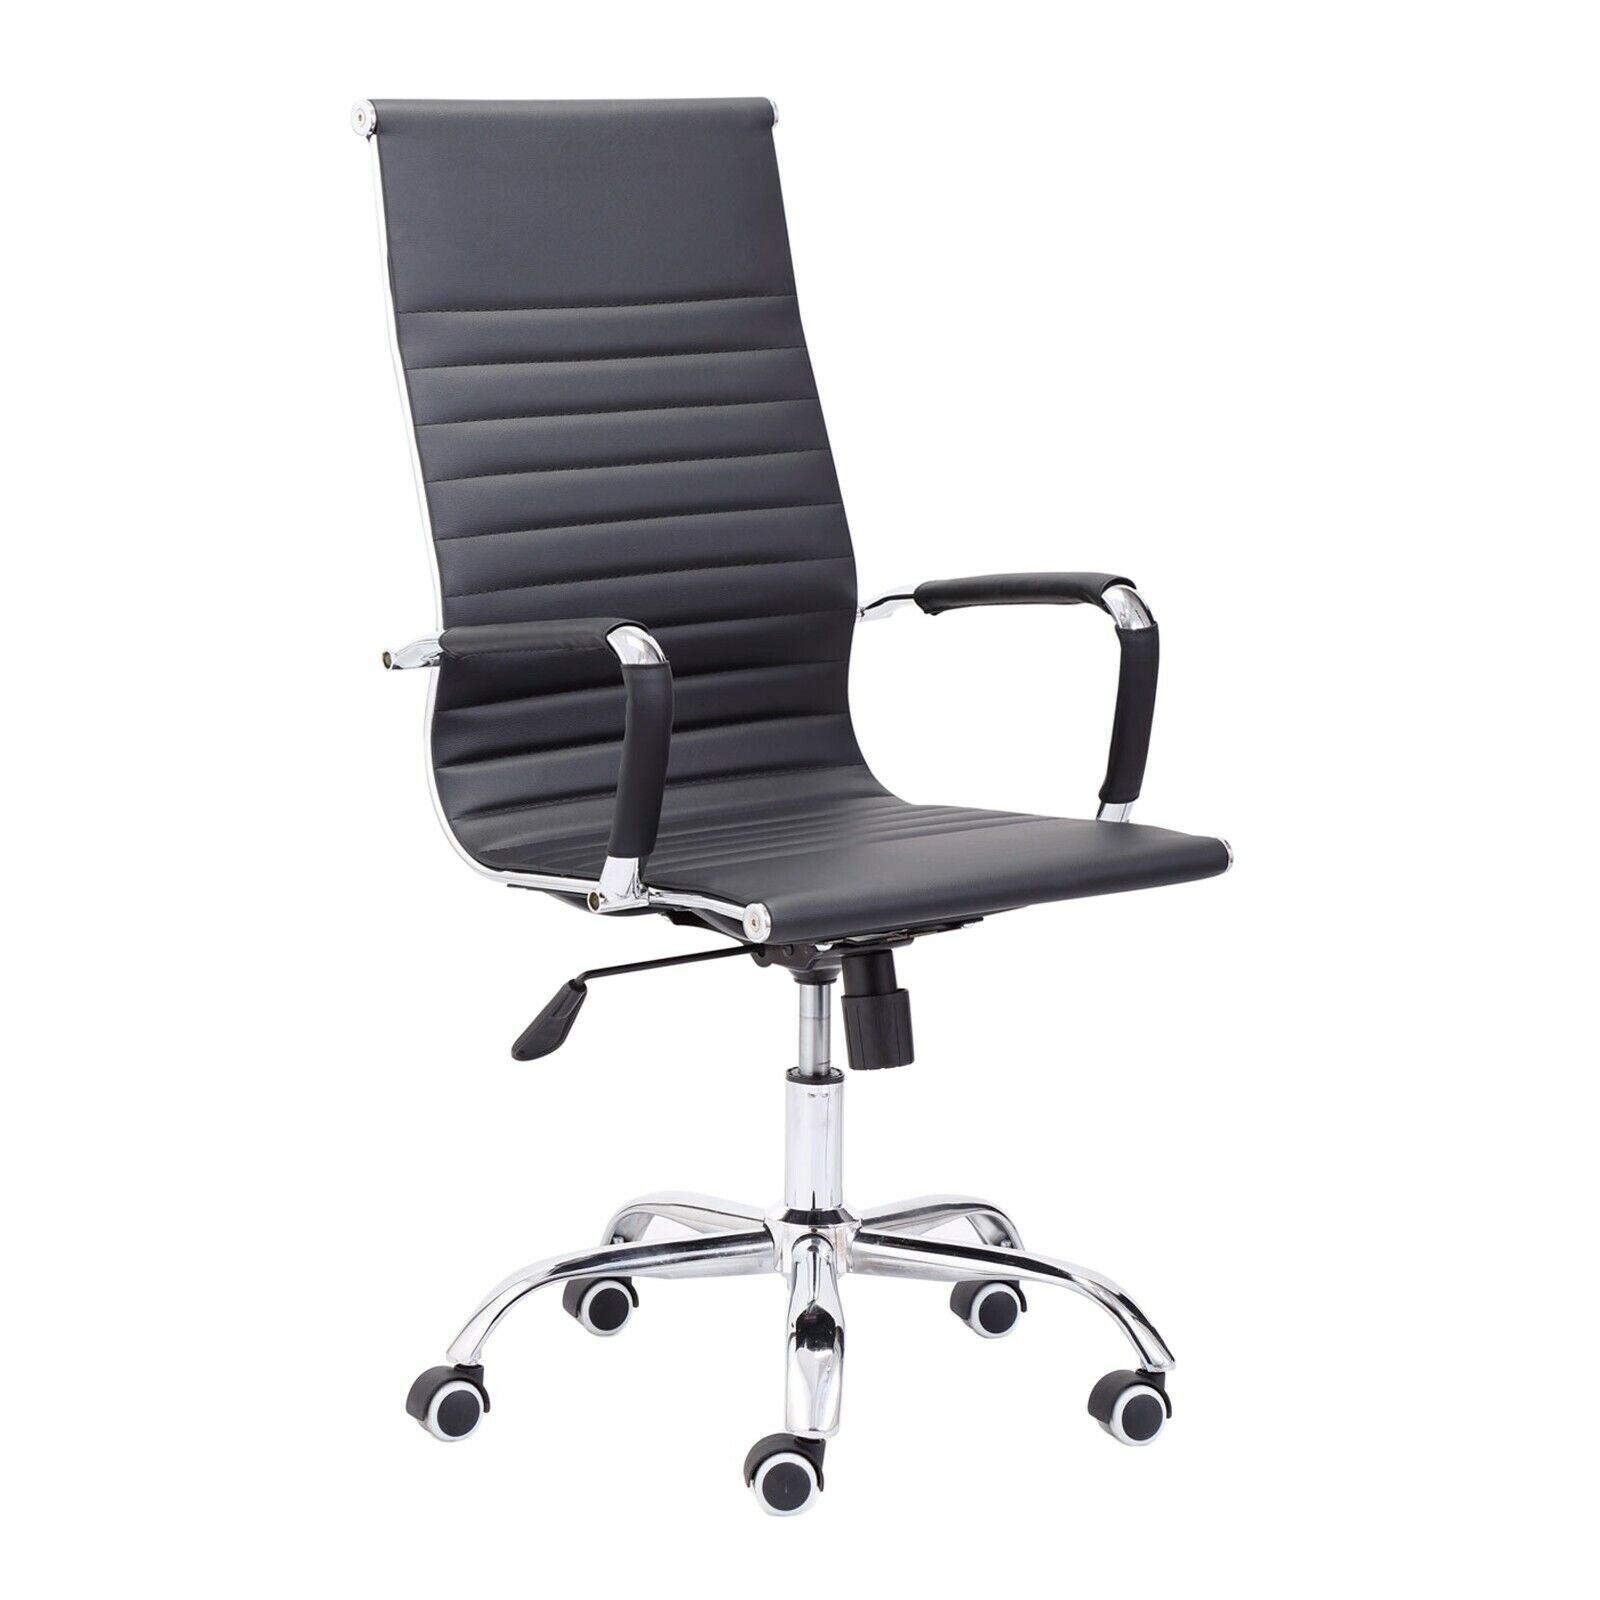 s l1600 - Silla de oficina ergonomica, sillon giratorio despacho, Blanco y Negro, Letter